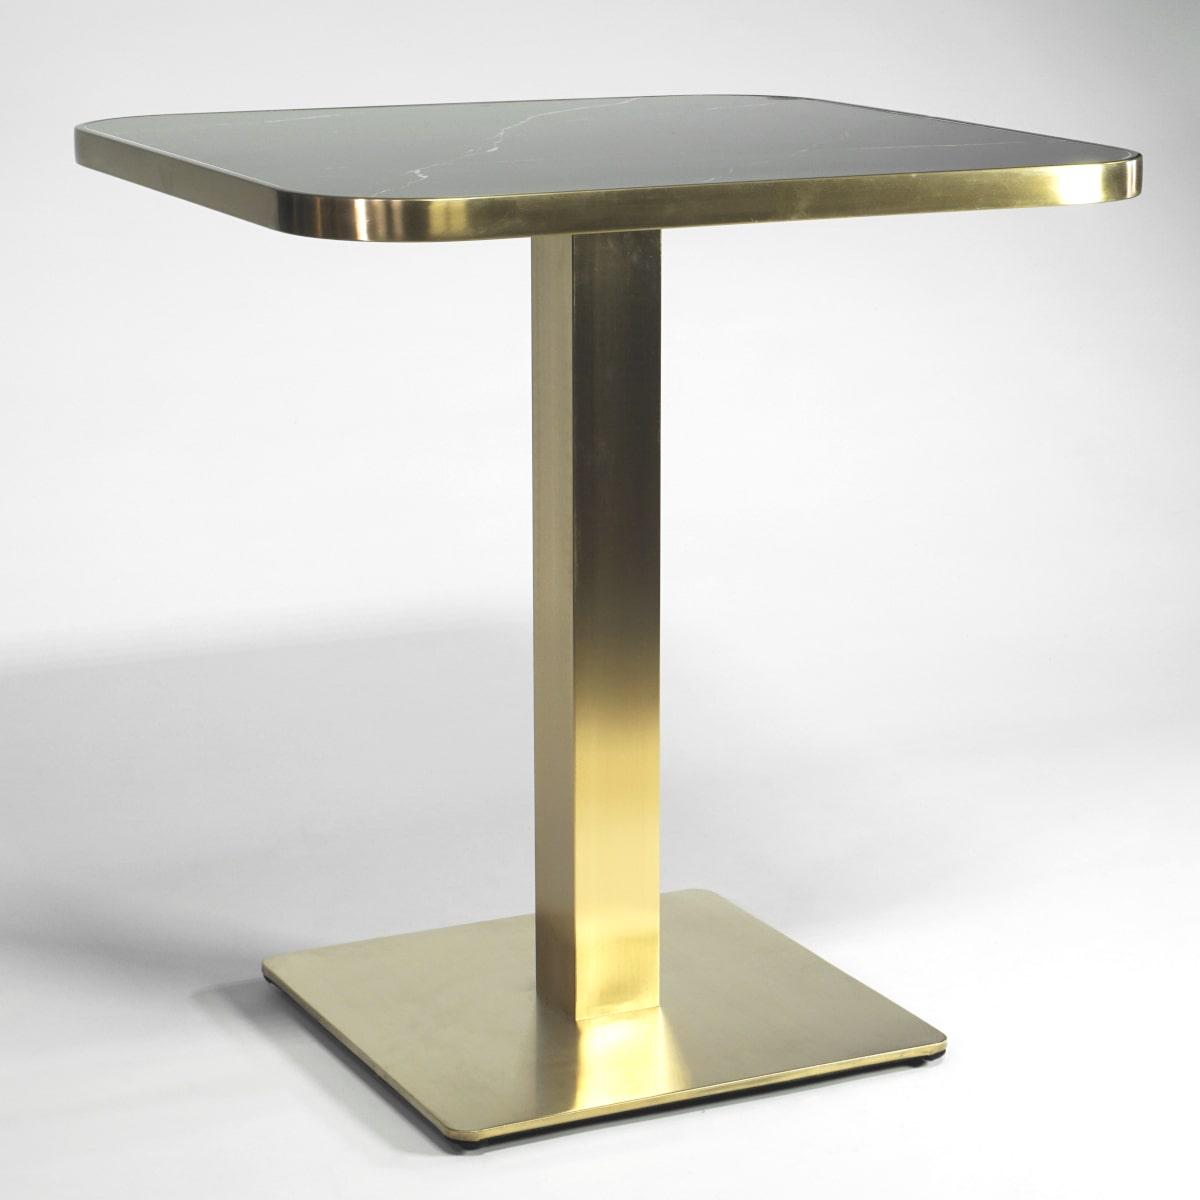 Bistrotisch schwarze Tischplatte Messing Tischläule